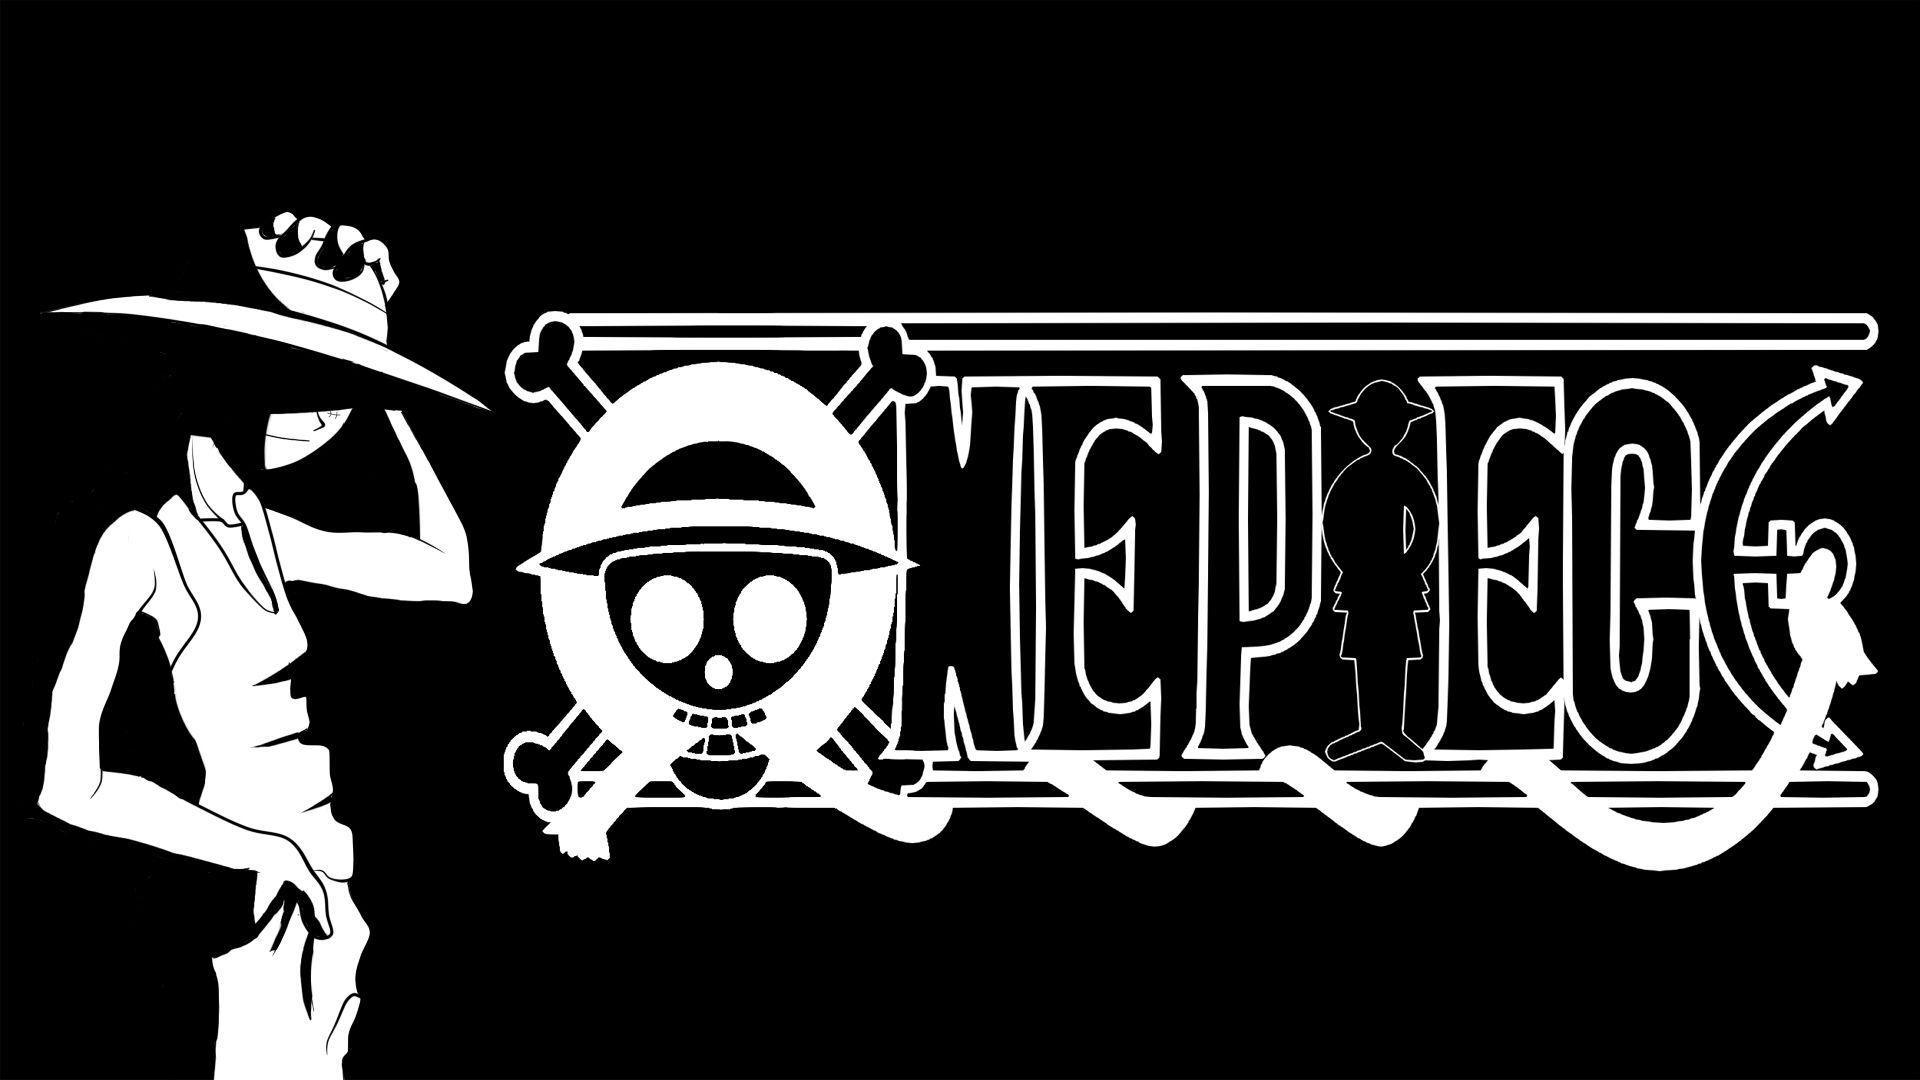 1920x1080 Desktop One Piece Anime Đen Trắng Cho Trên Hình Nền Full HD